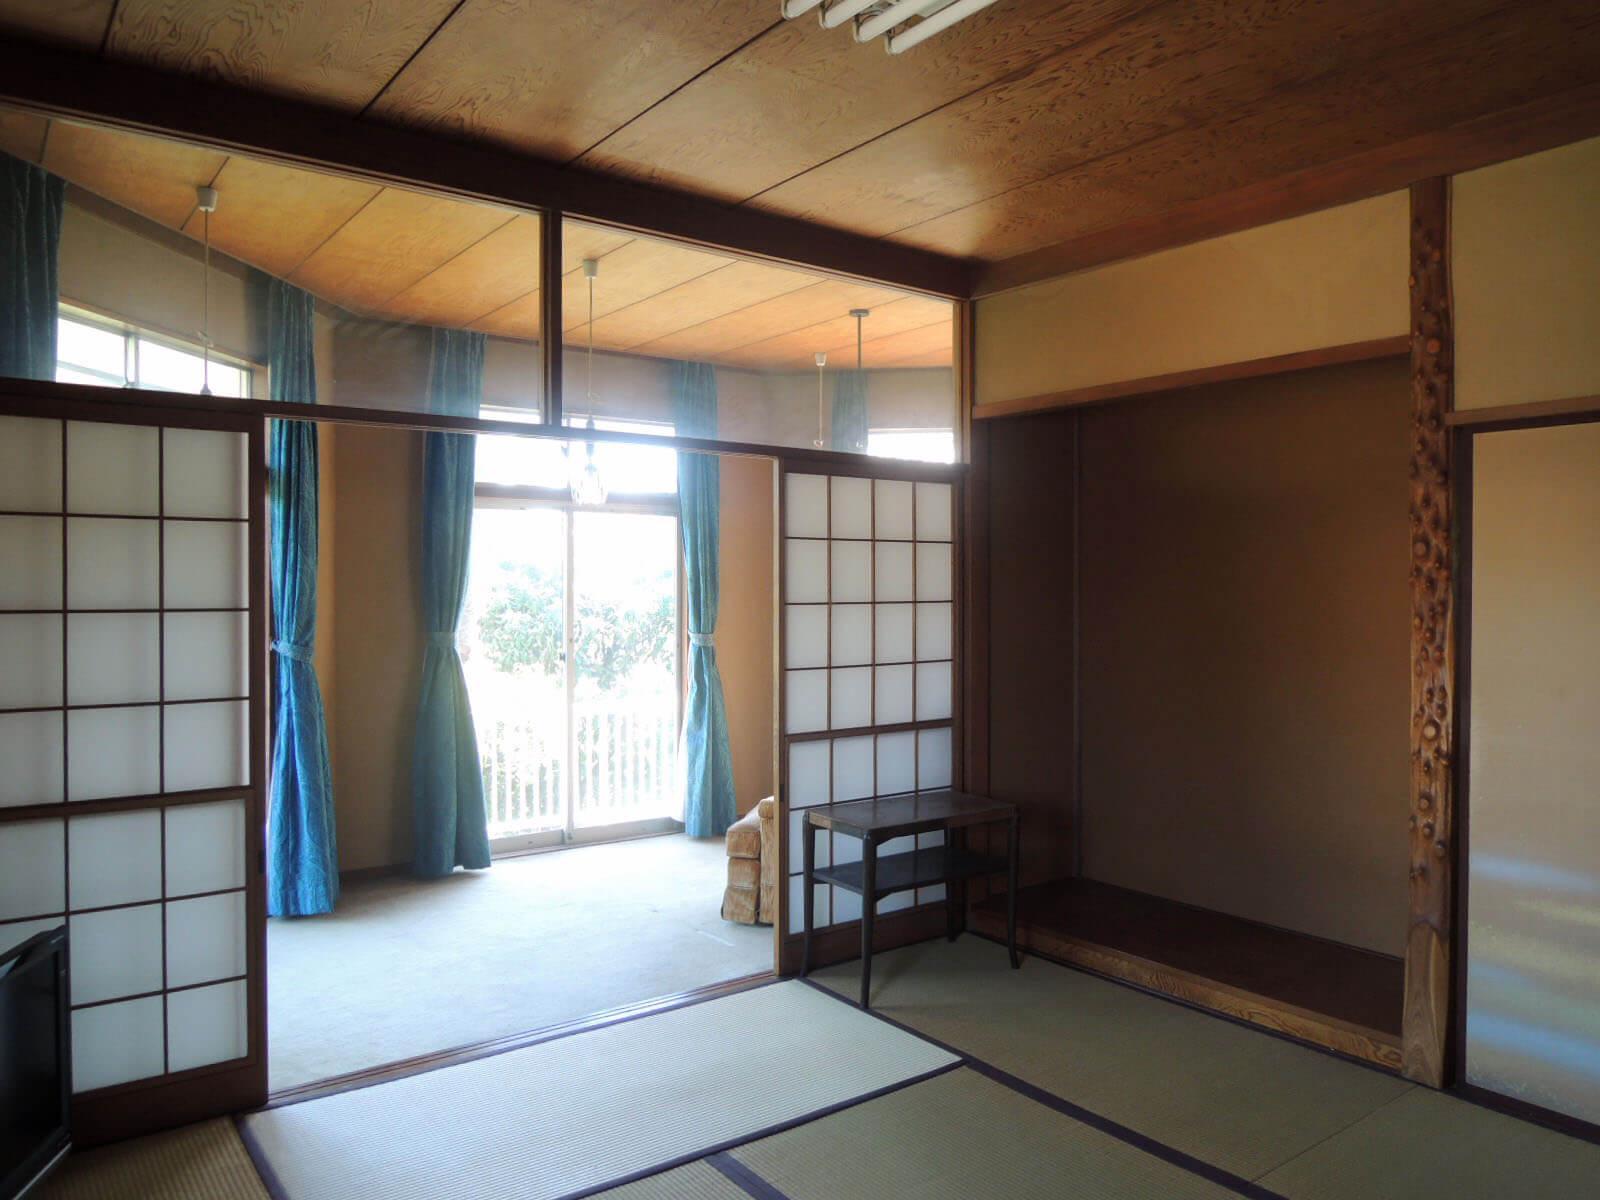 2階にも立派な床の間があり、庭側に洋室が続きます